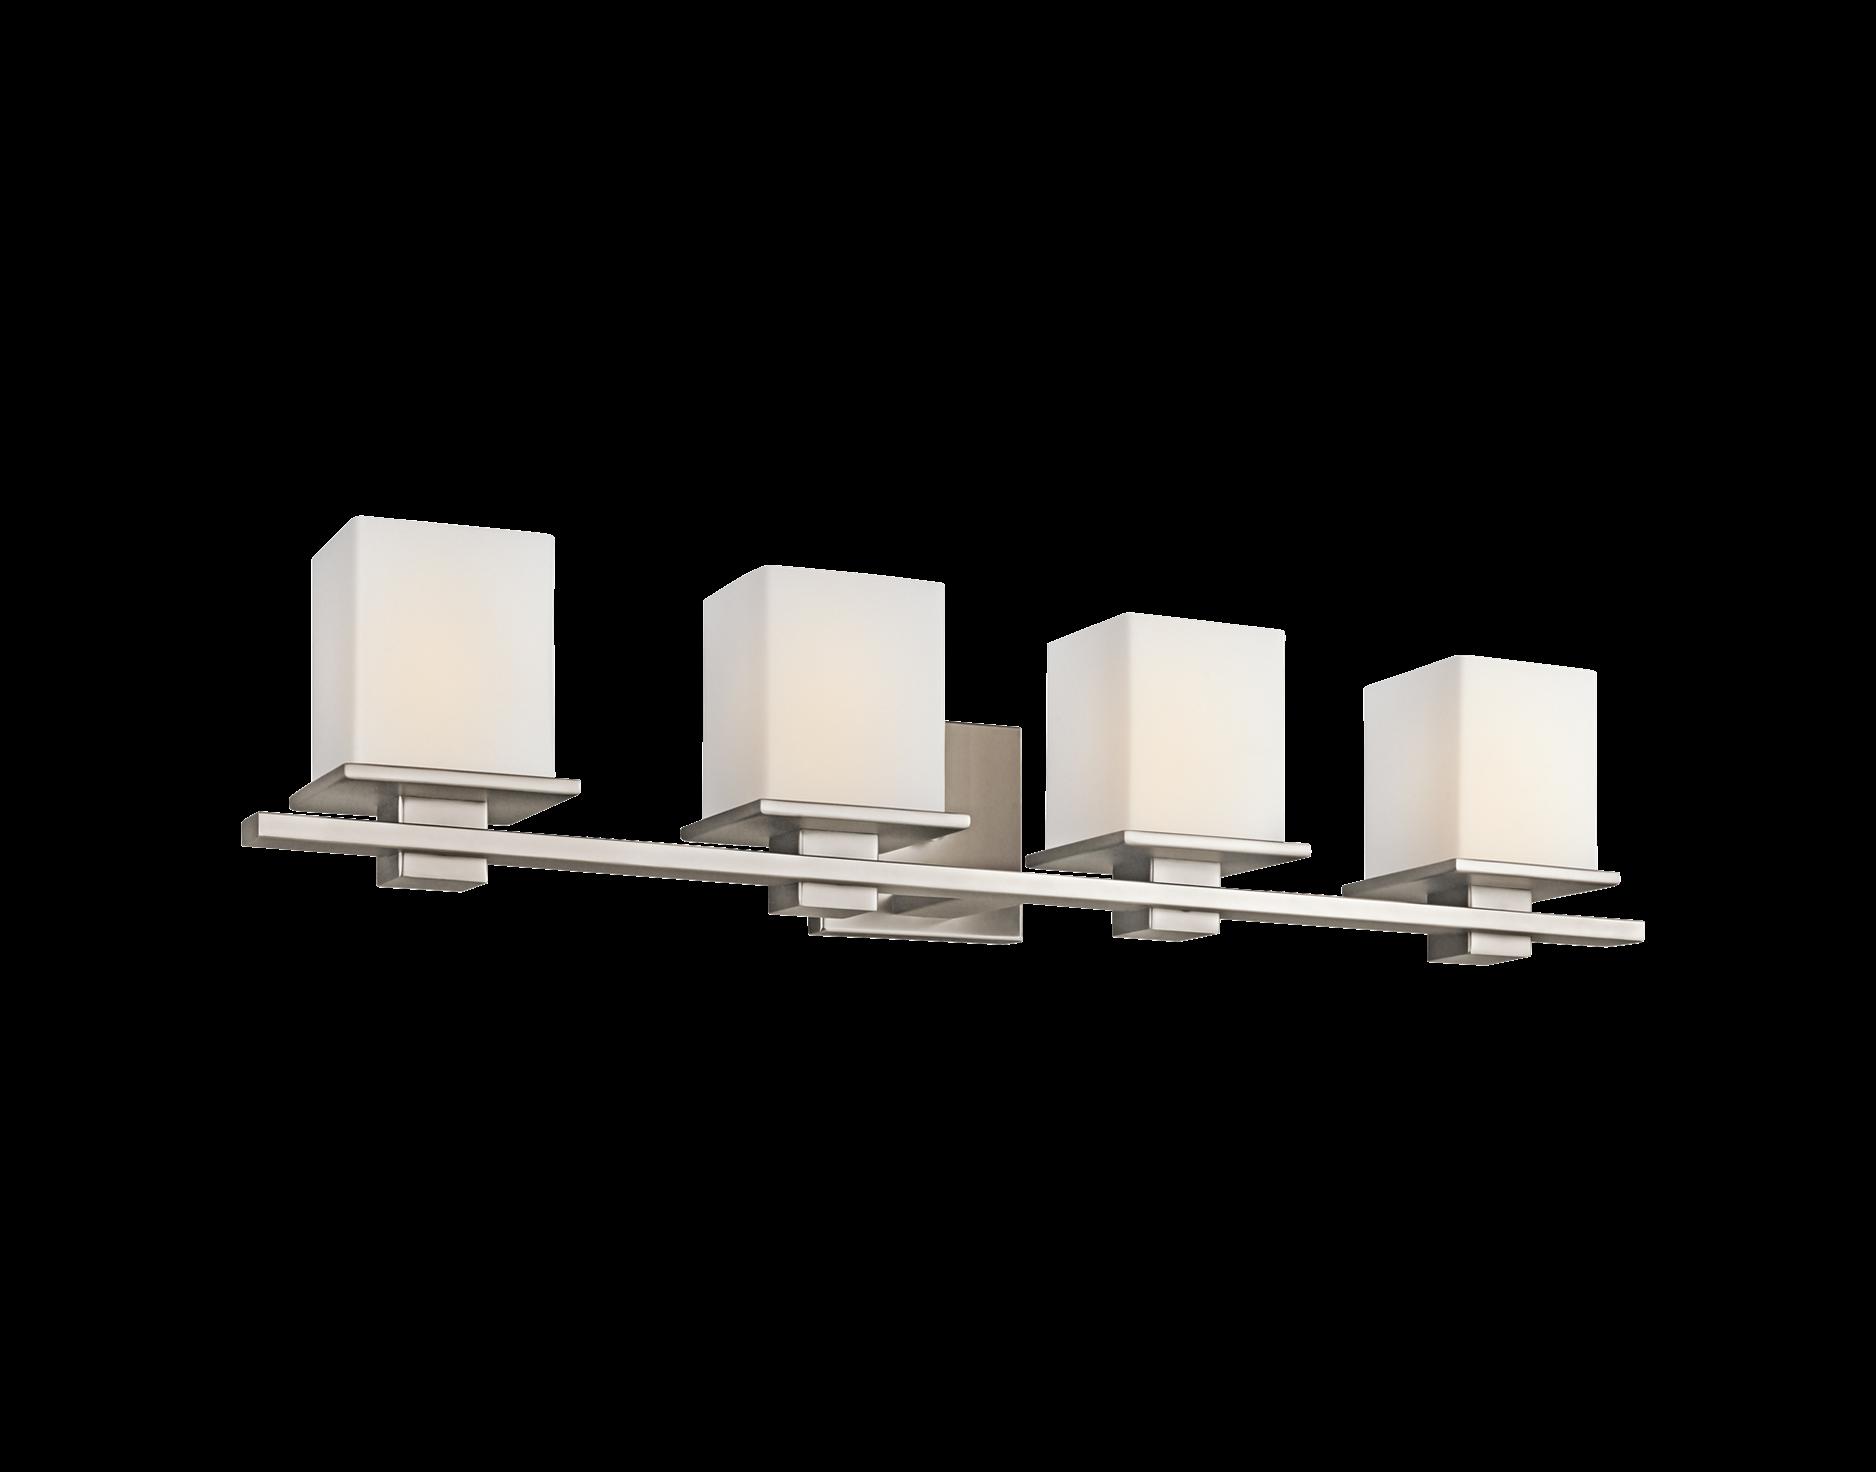 Bath 4Lt AP - Kichler Lighting - pendant, ceiling, landscape light fixtures & more